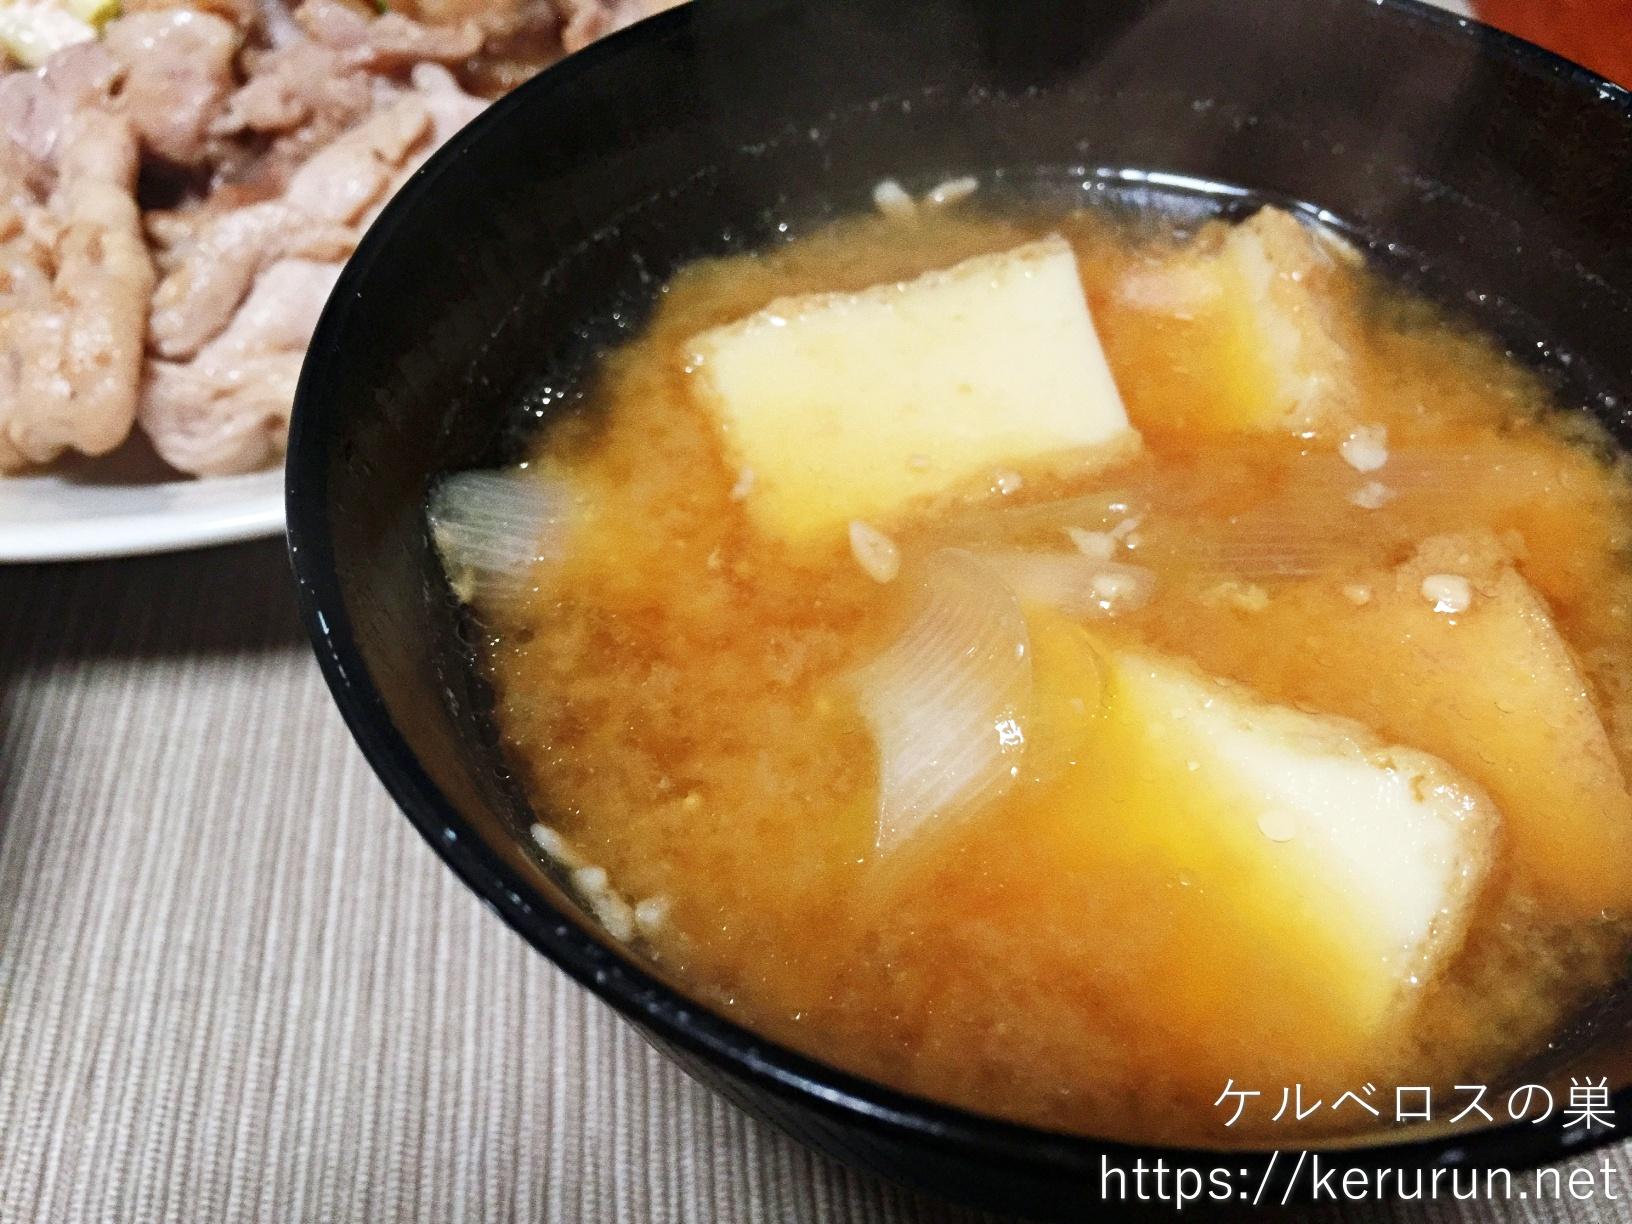 塩生姜焼き定食で晩ごはん